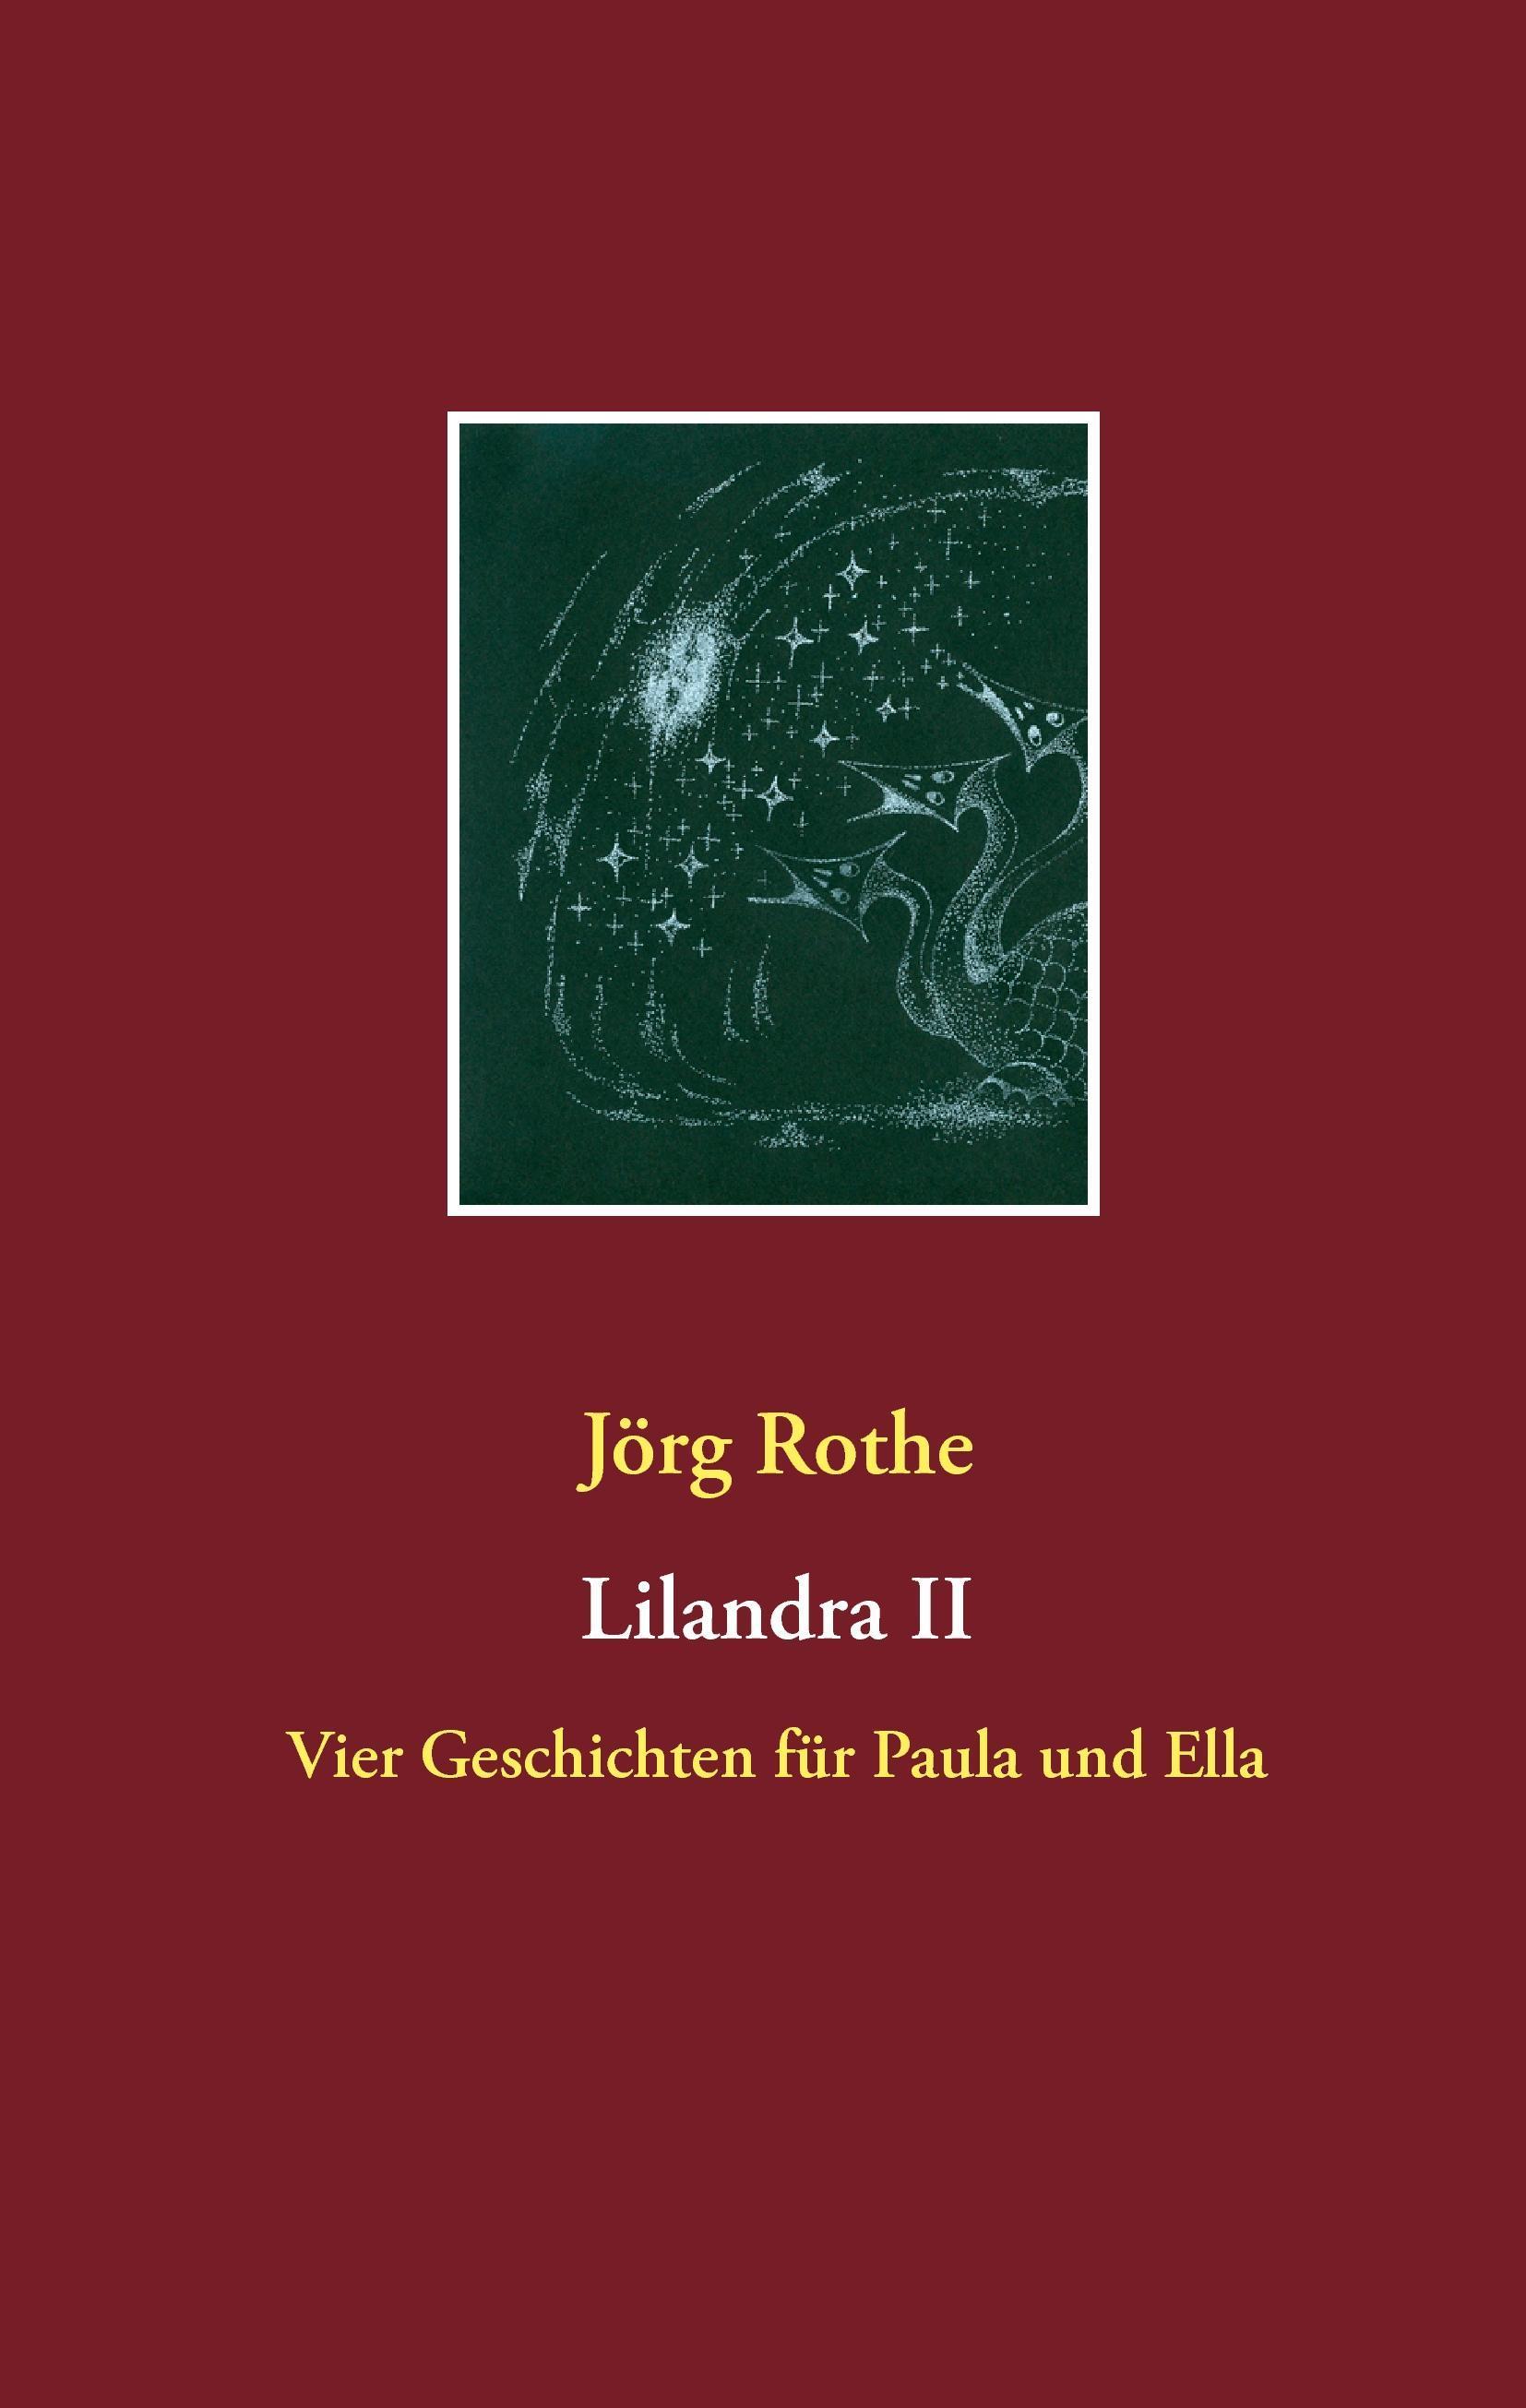 Lilandra II